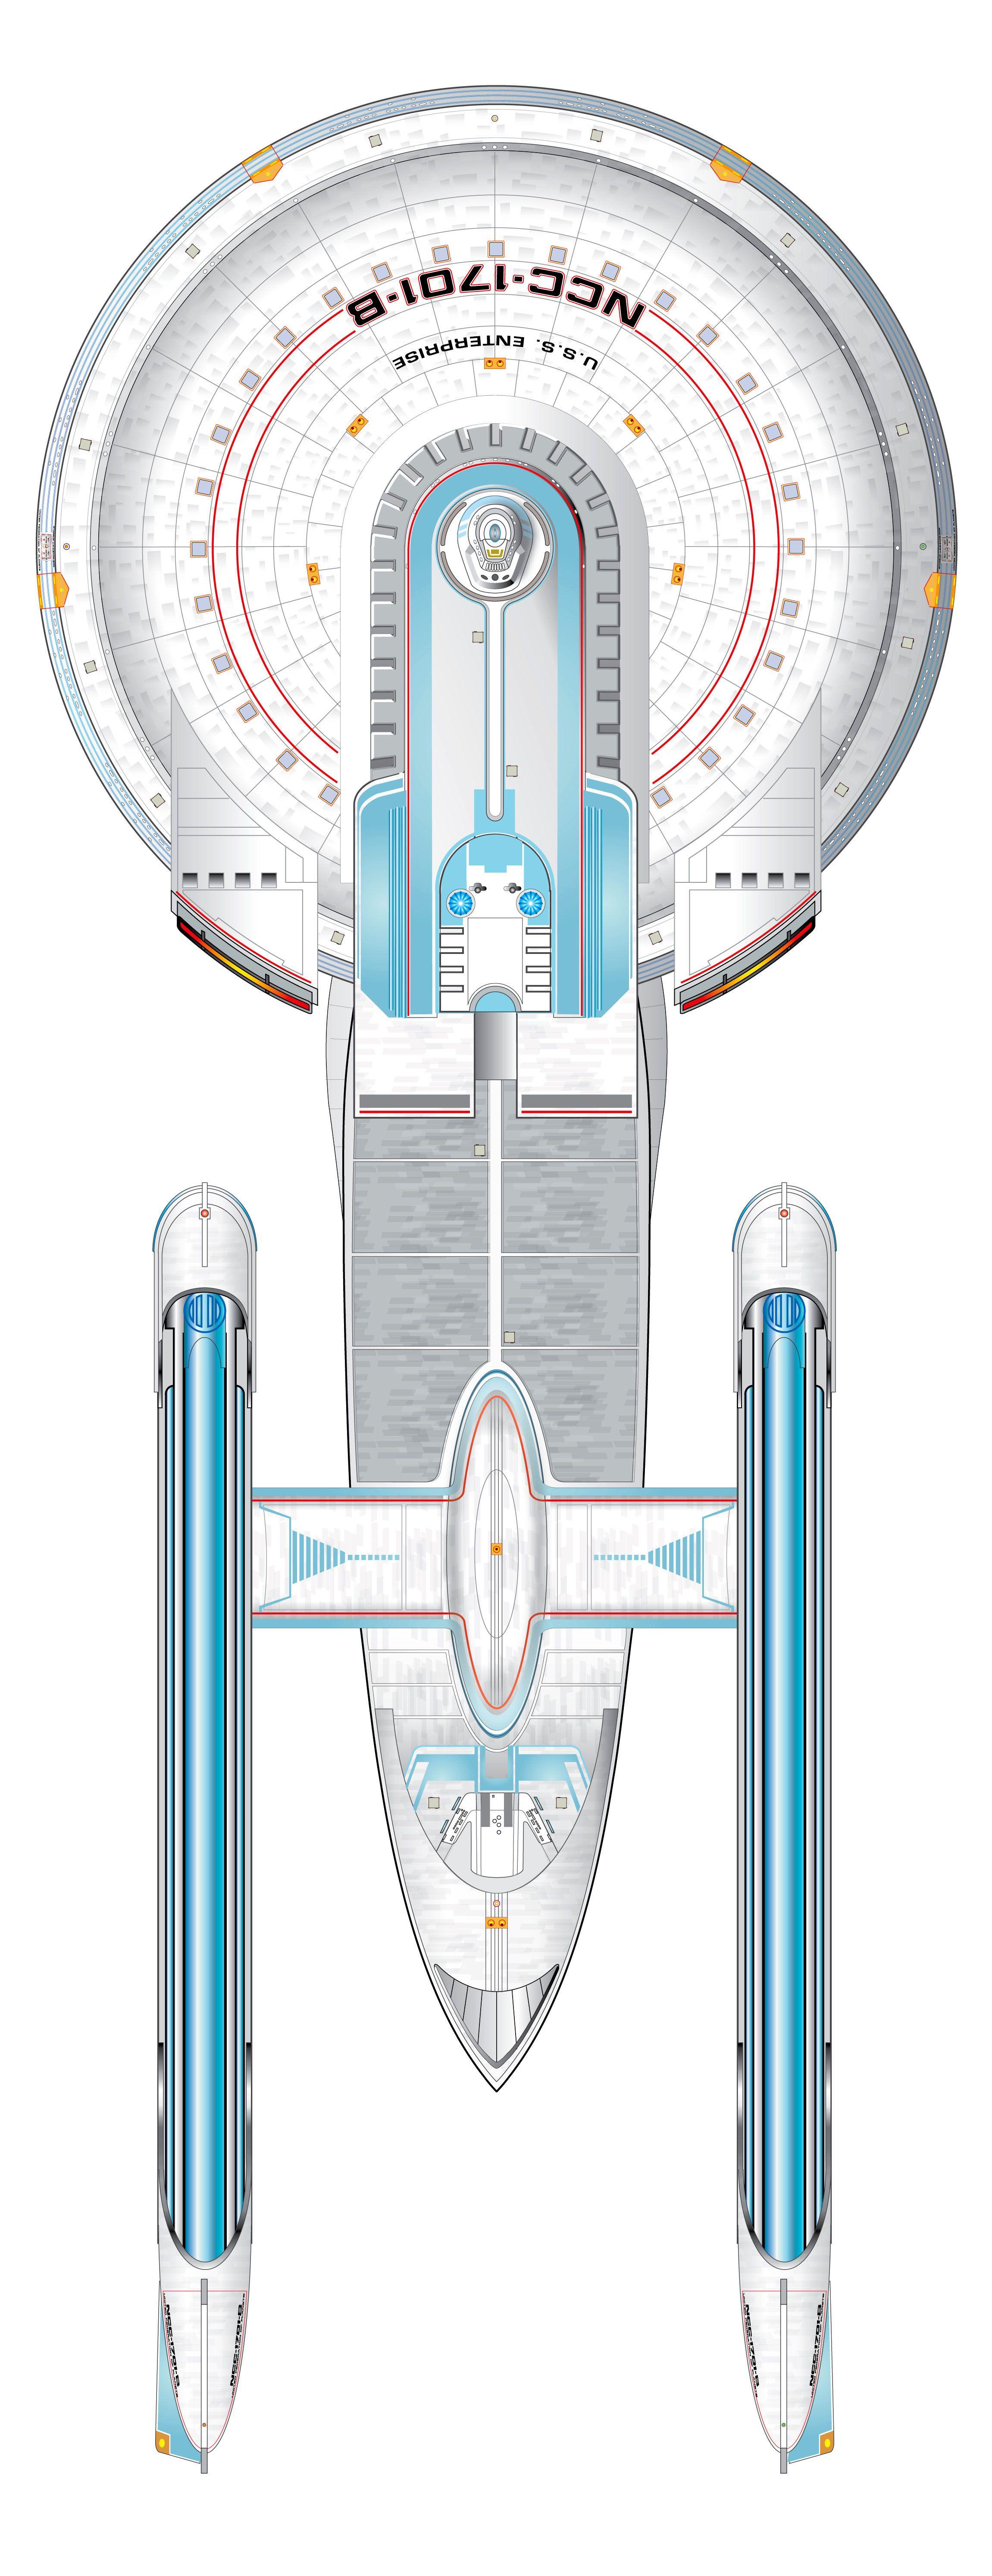 Uss enterprise ncc 1701 d galaxy class saucer separation r flickr - The D Deridex Class Warbird And The Galaxy Class Starship Ad Astera Audacter Pinterest Star Trek Trek And Star Trek Ships